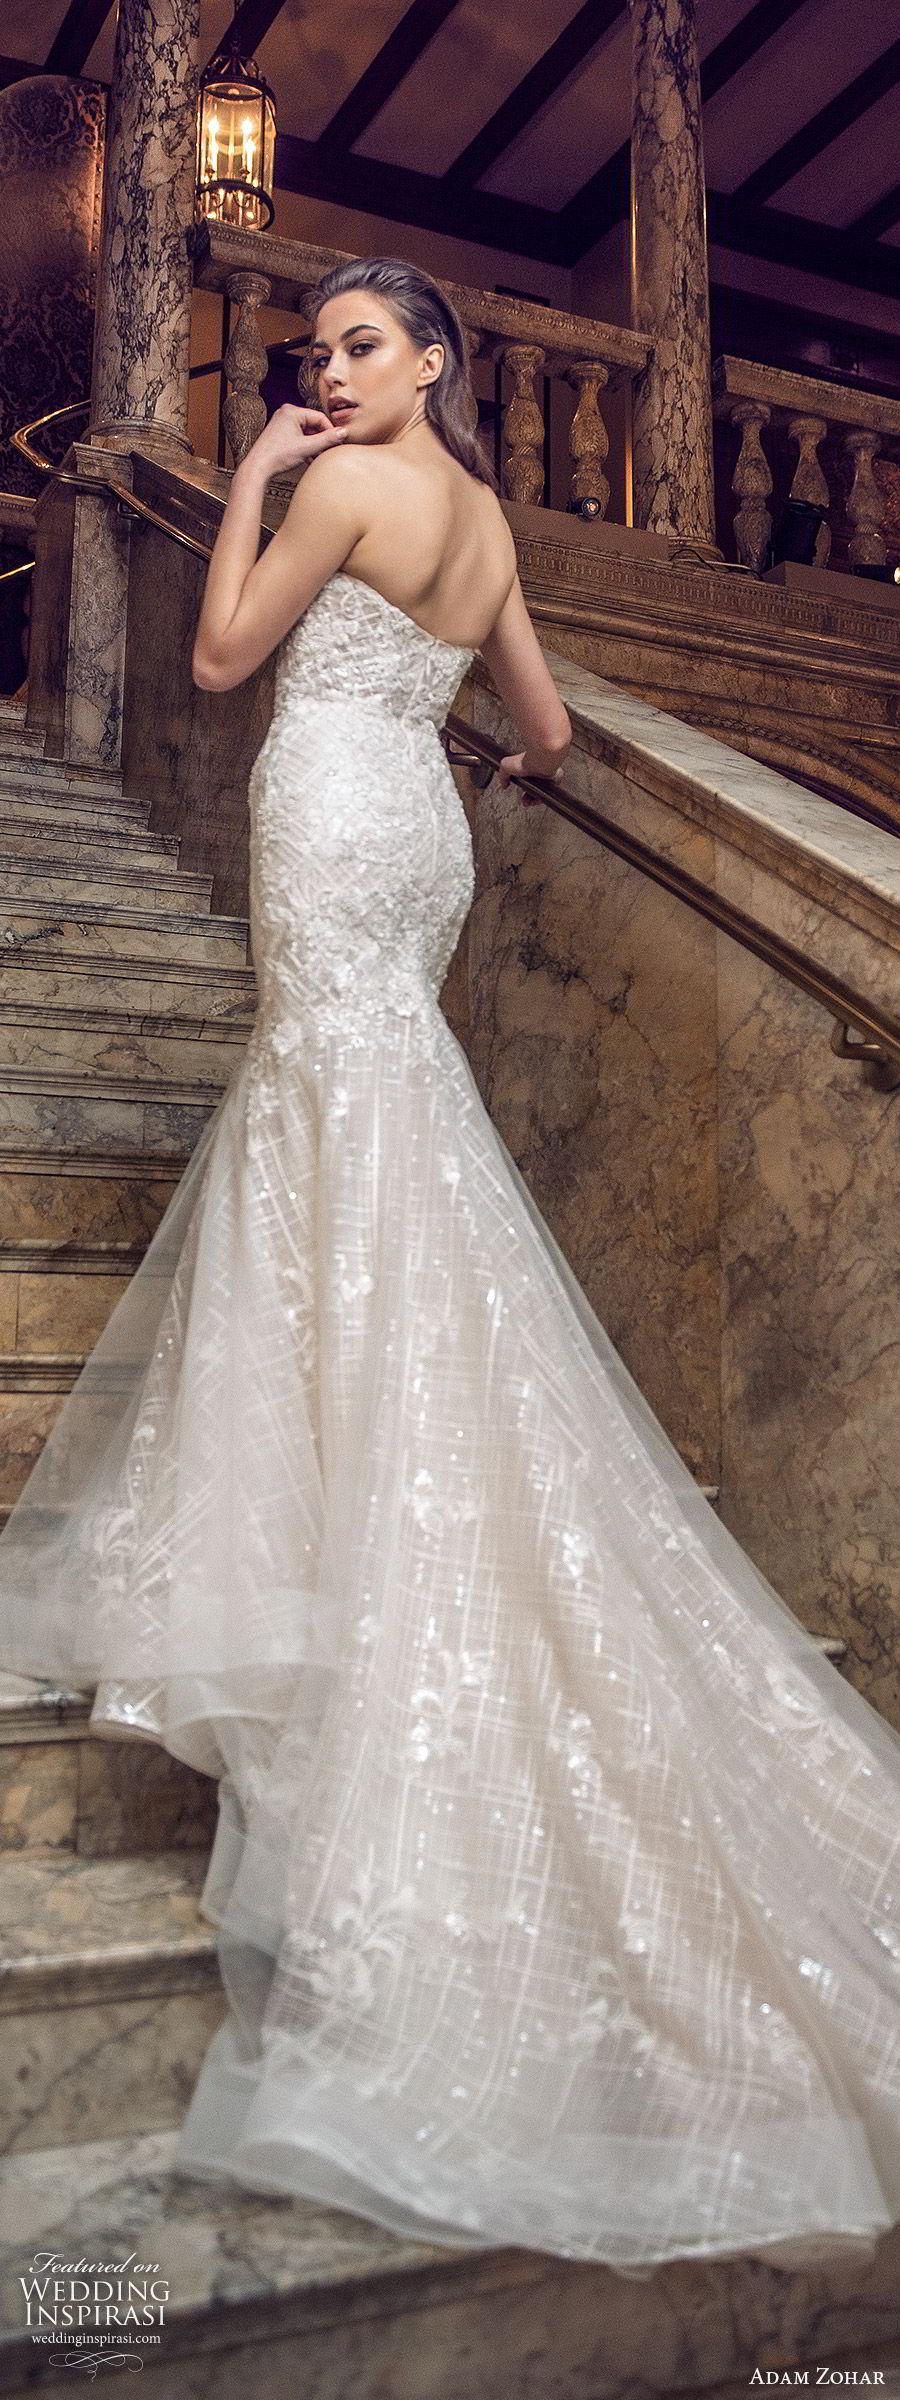 adam zohar 2020 bridal strapless semi sweetheart fully embellished sheath mermaid wedding dress (8) glitzy glam elegant chapel train bv